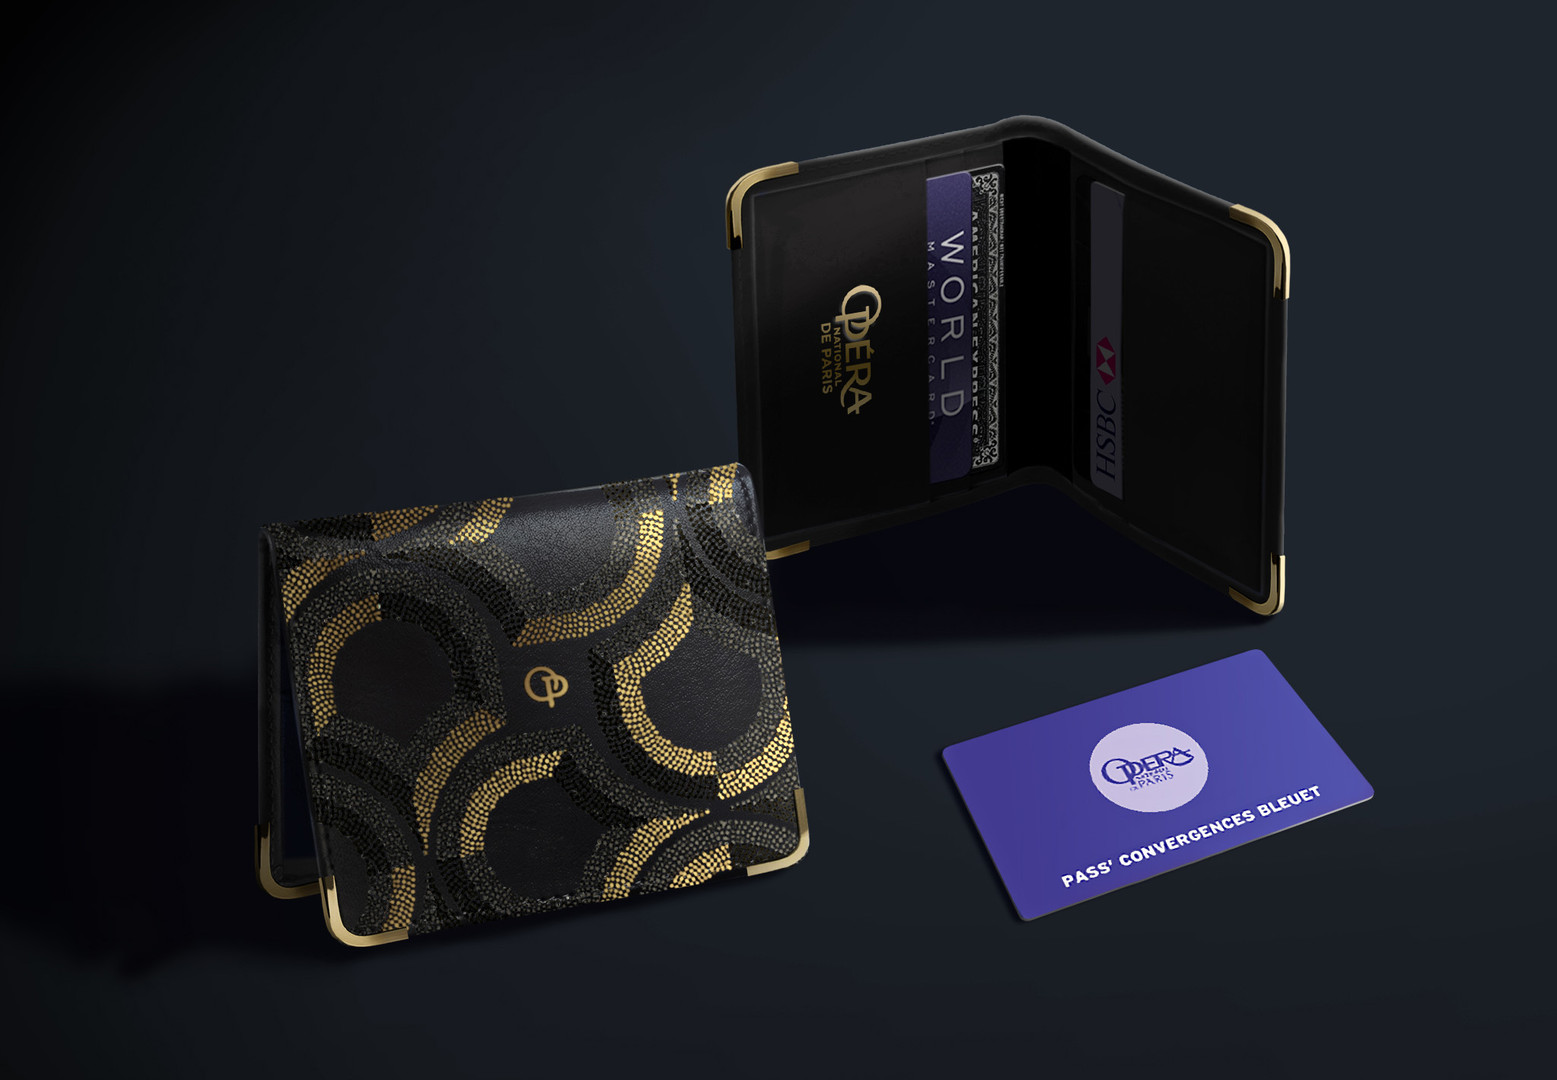 Porte-cartes-credit-v3-overlay-OP.jpg